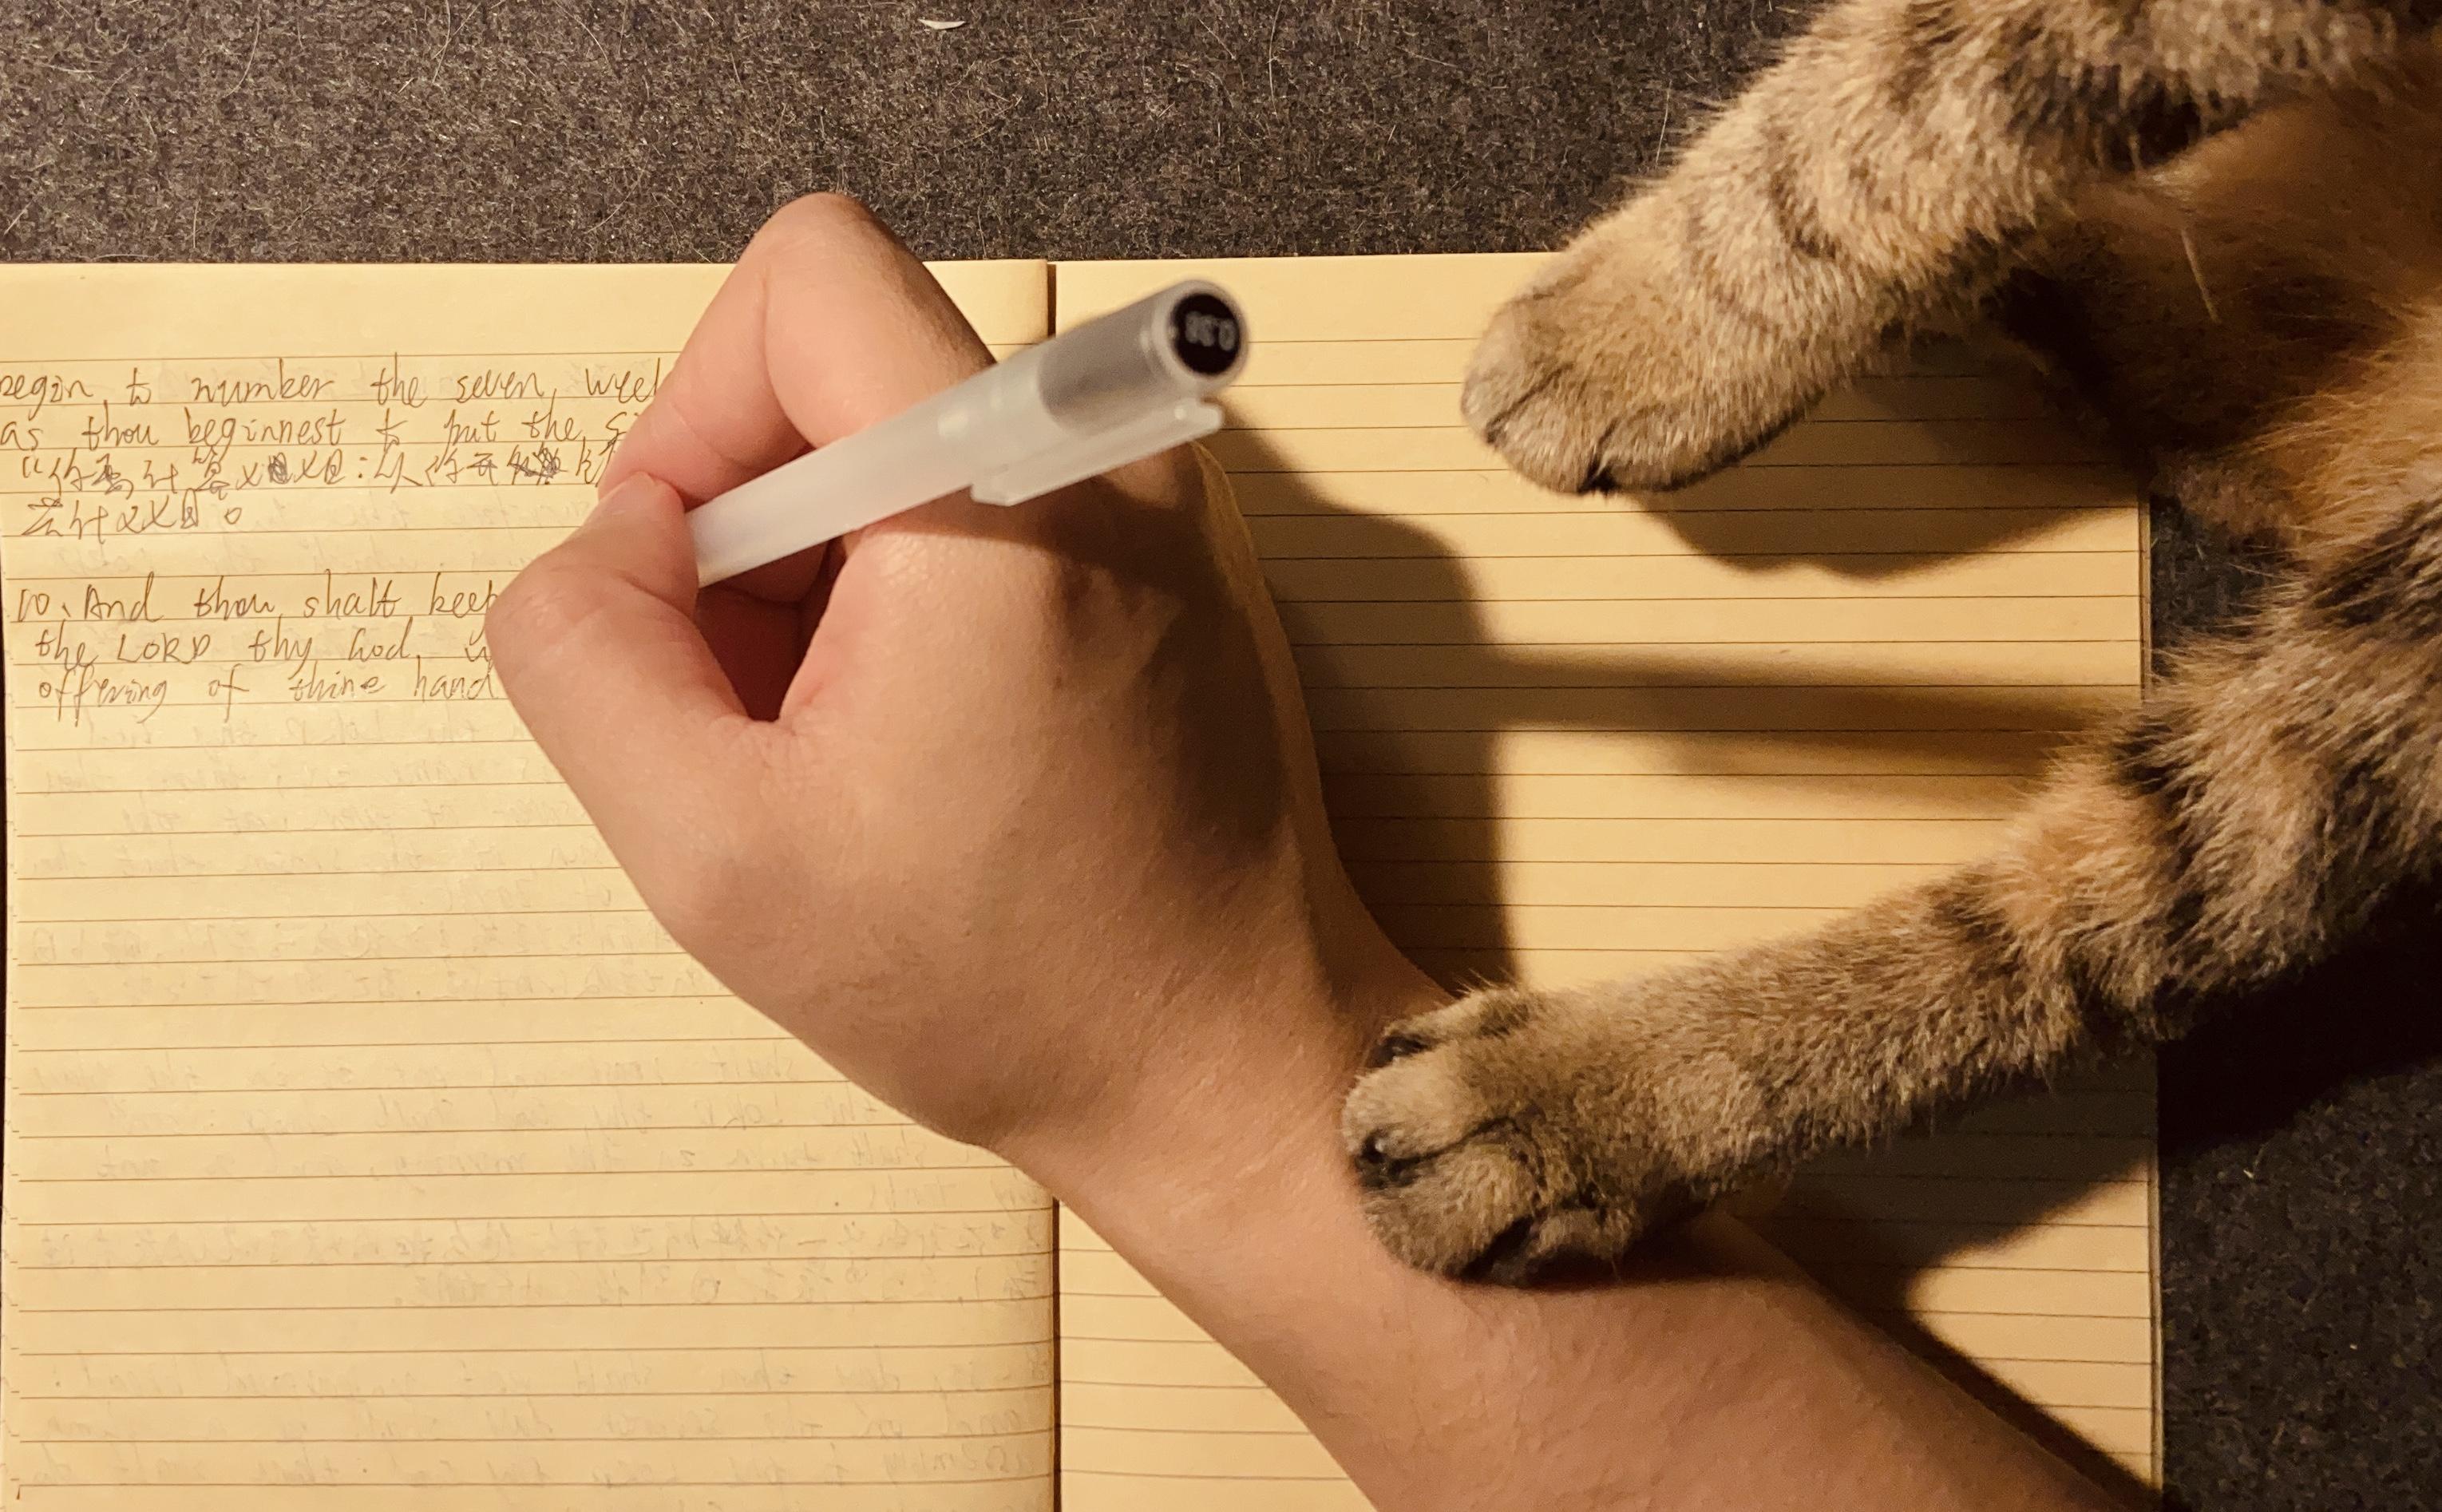 闷墩儿曾经是一只流浪猫,直到遇见爱拍美食和写作的小山。有一天萧山邀请你去参加他猫的生日晚会,你不喜欢猫,该怎样拒绝呢?